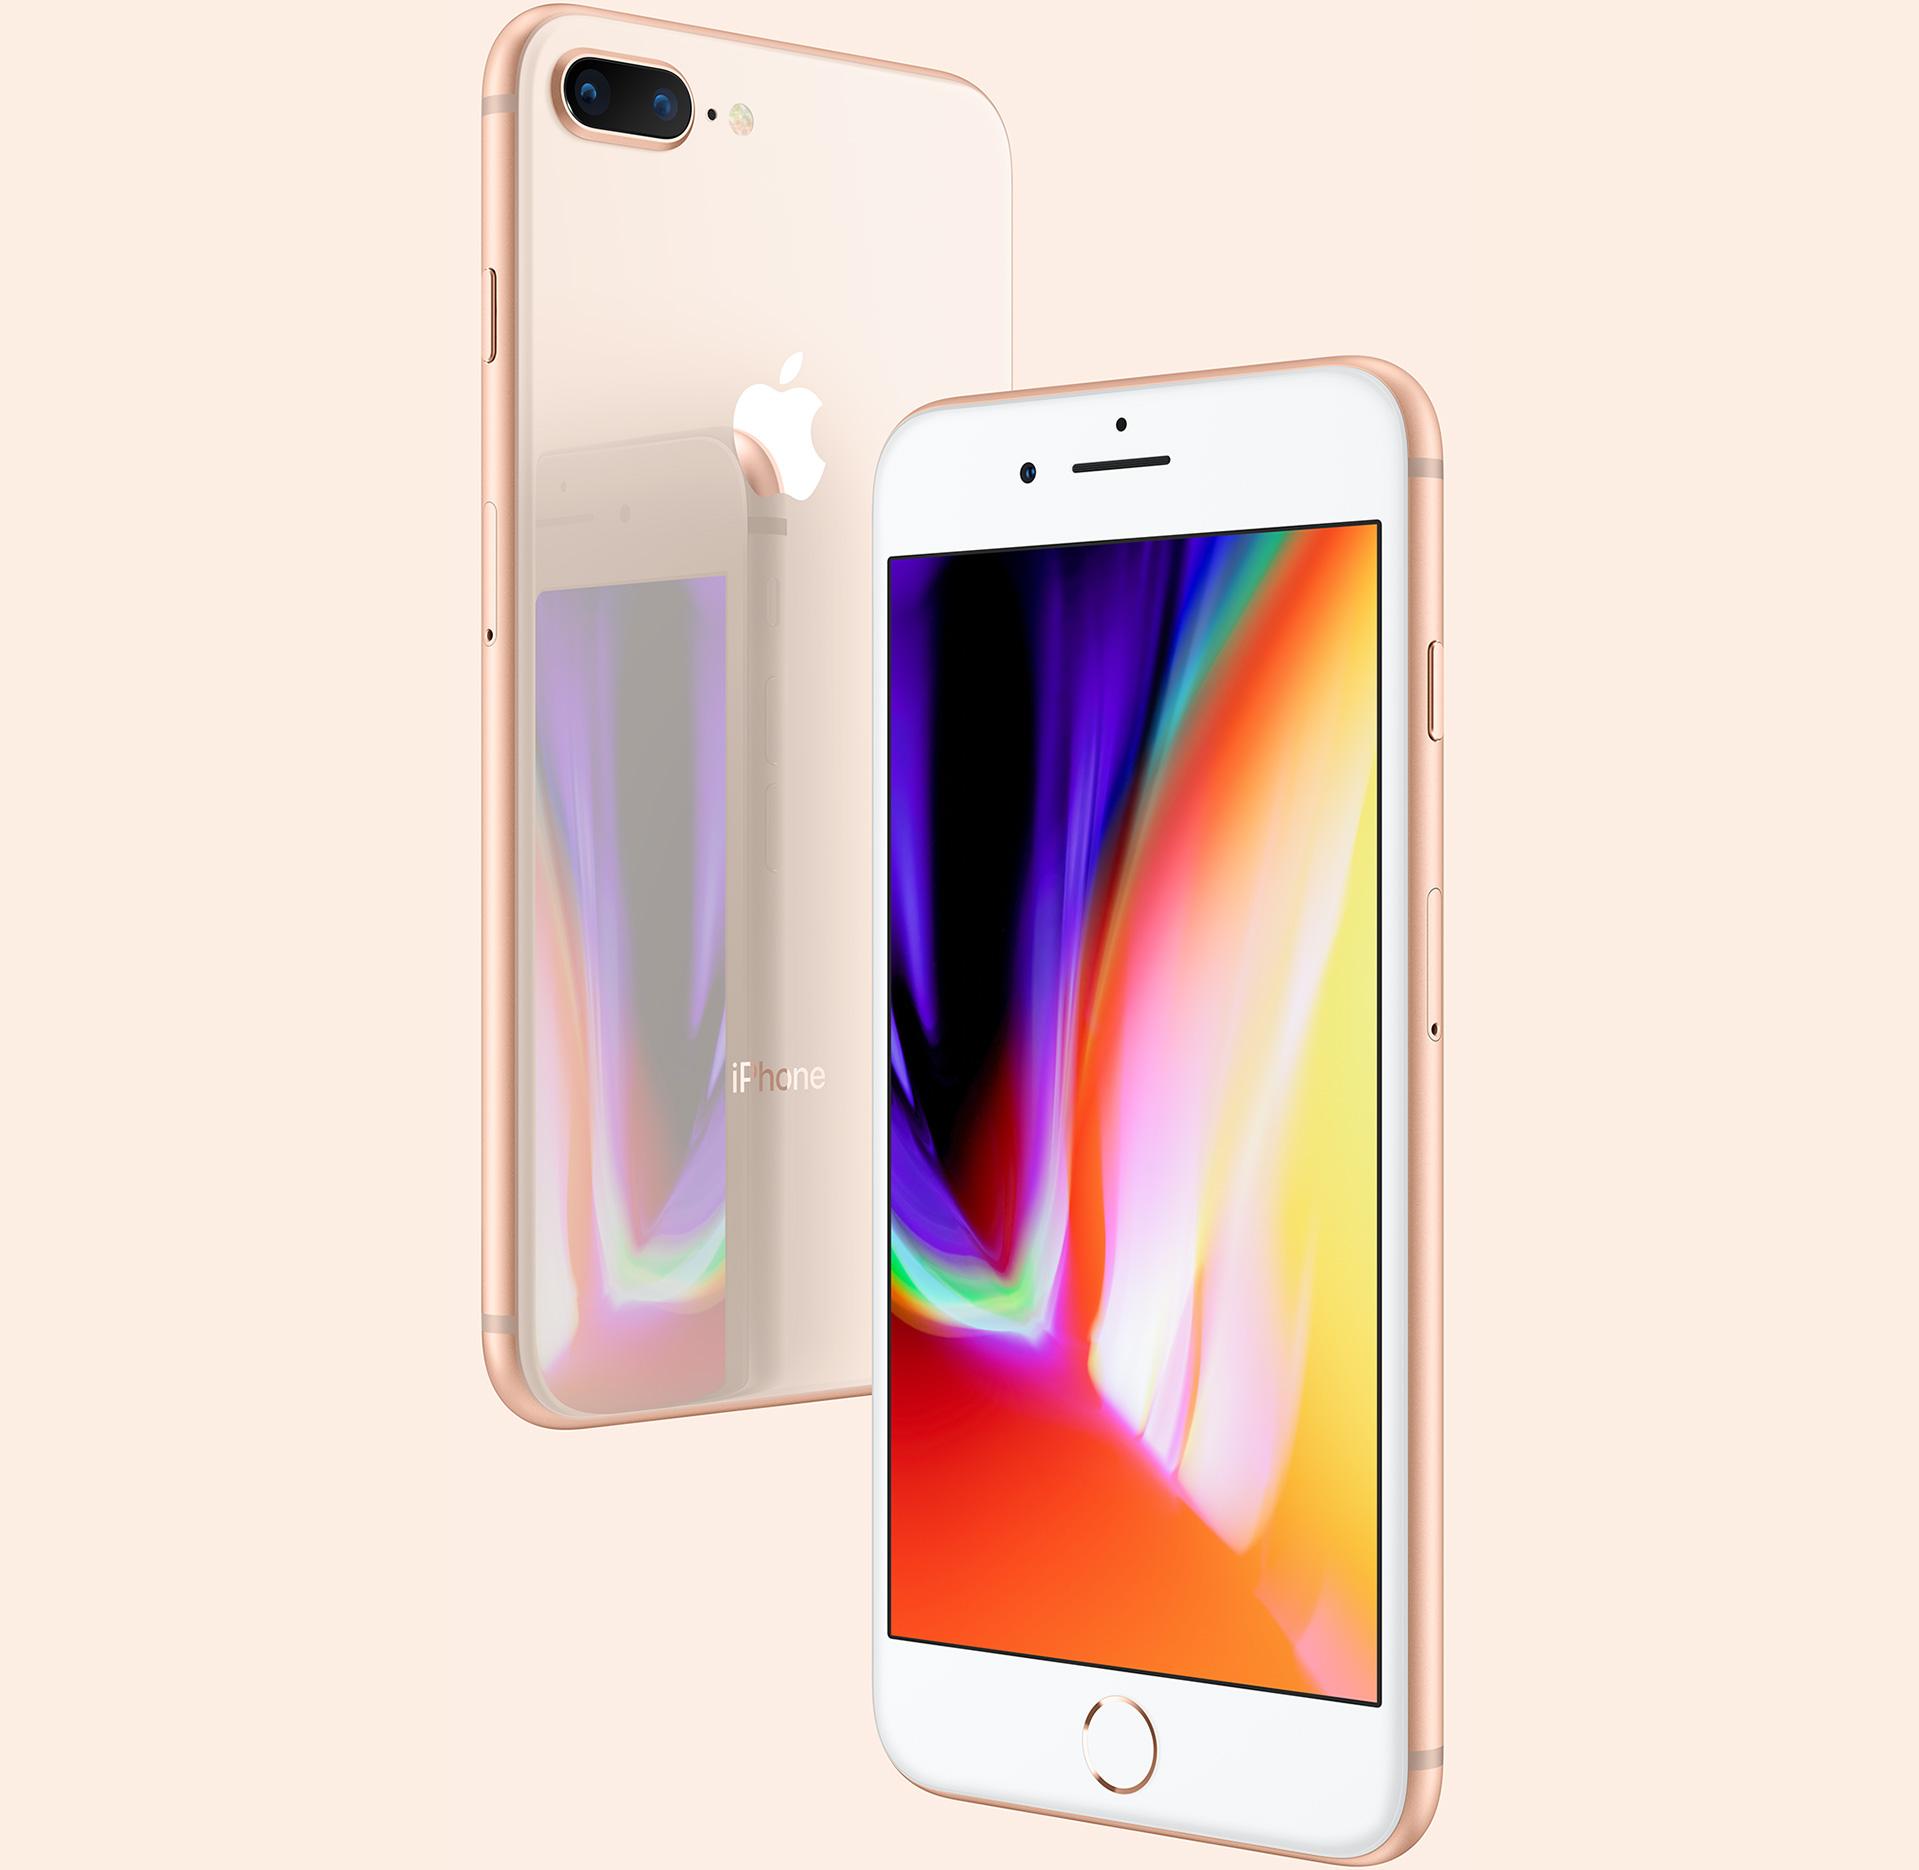 【今日まで】【いきなりiPhone8】おとくケータイ.netでソフトバンクiPhone8/8Plusがキャッシュバック20000円、本体定価。~9/24。